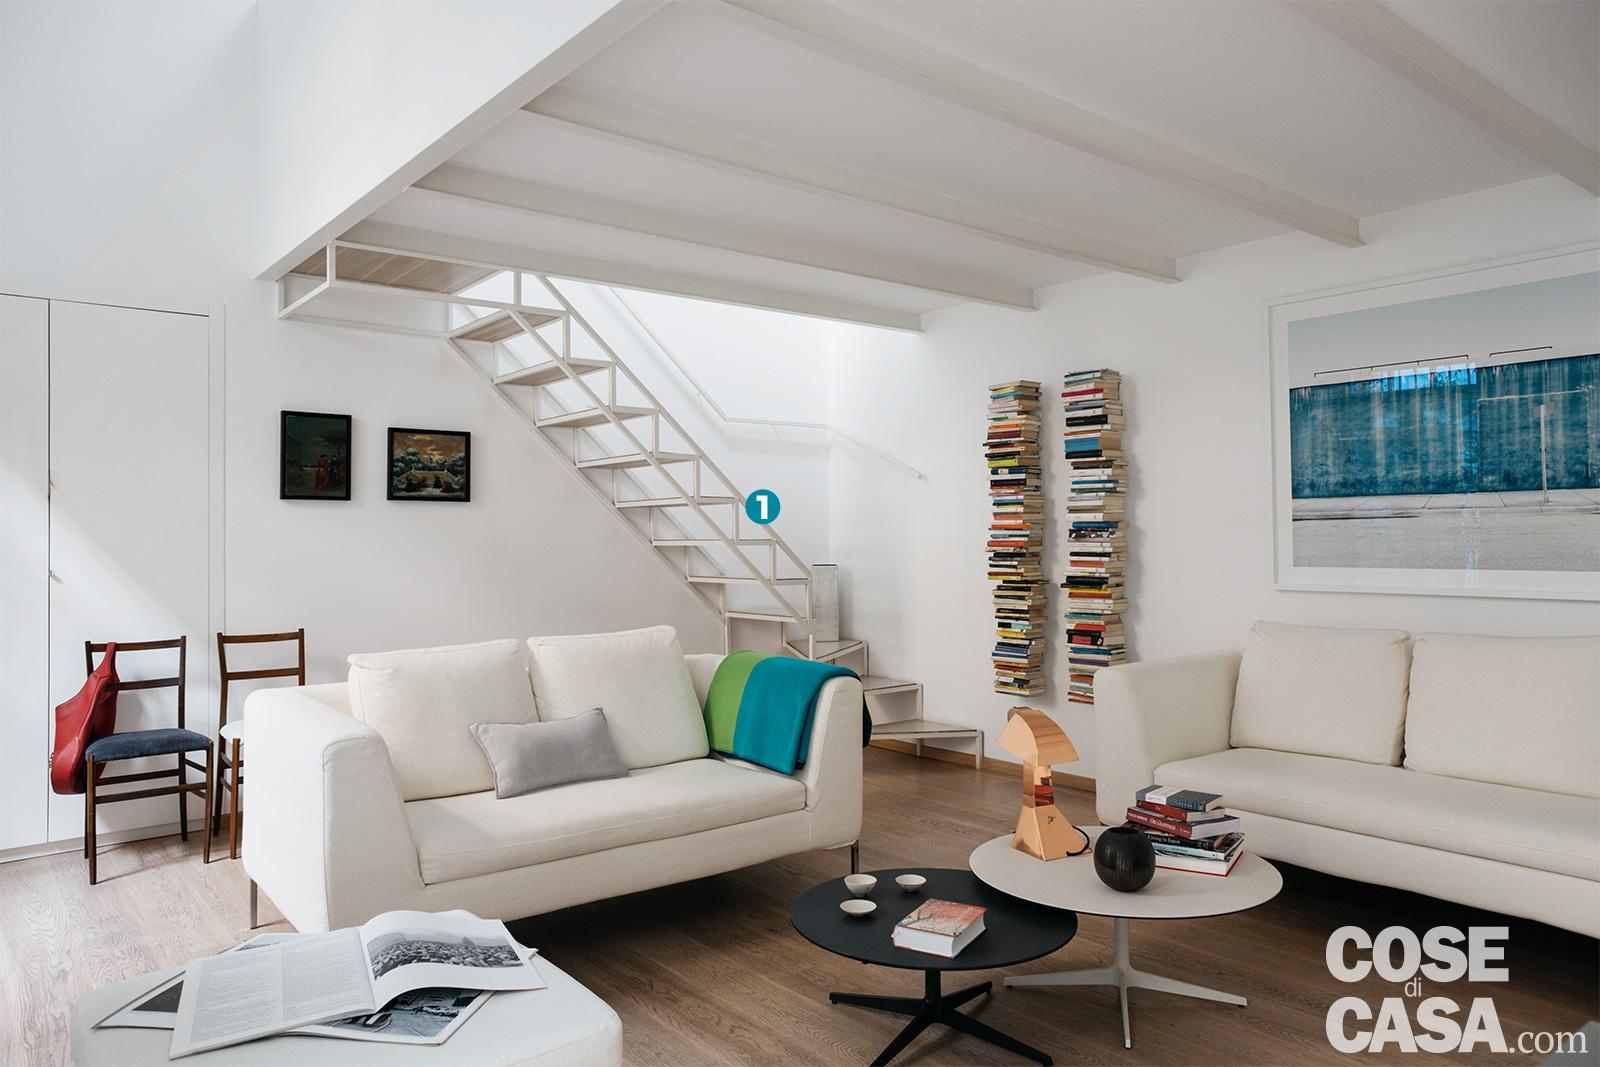 Da Luce Alla Soffitta casa di 63 mq aumenta a 90 mq: sfruttare l'altezza col